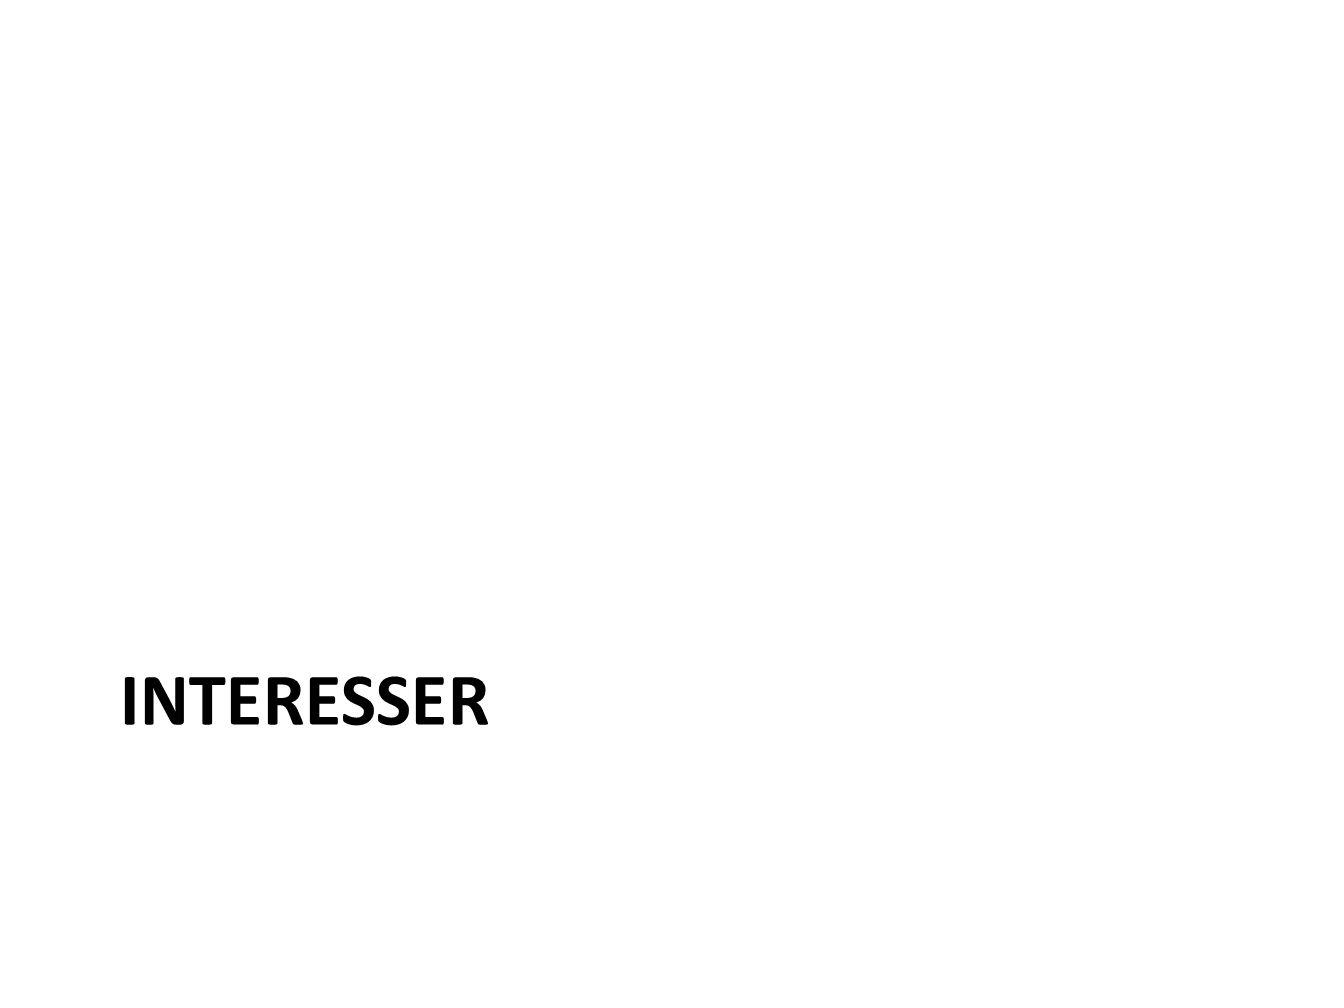  Musikk  Trompet  Janitsjar-musikk  Sport  Nyheter  Data    Vis forsiden  Vil spørre om noe  Bruk bokstavtavlen    VM på ski i Oslo  Familie  Håndball  Fotball  Tipping      Feil Ny setning